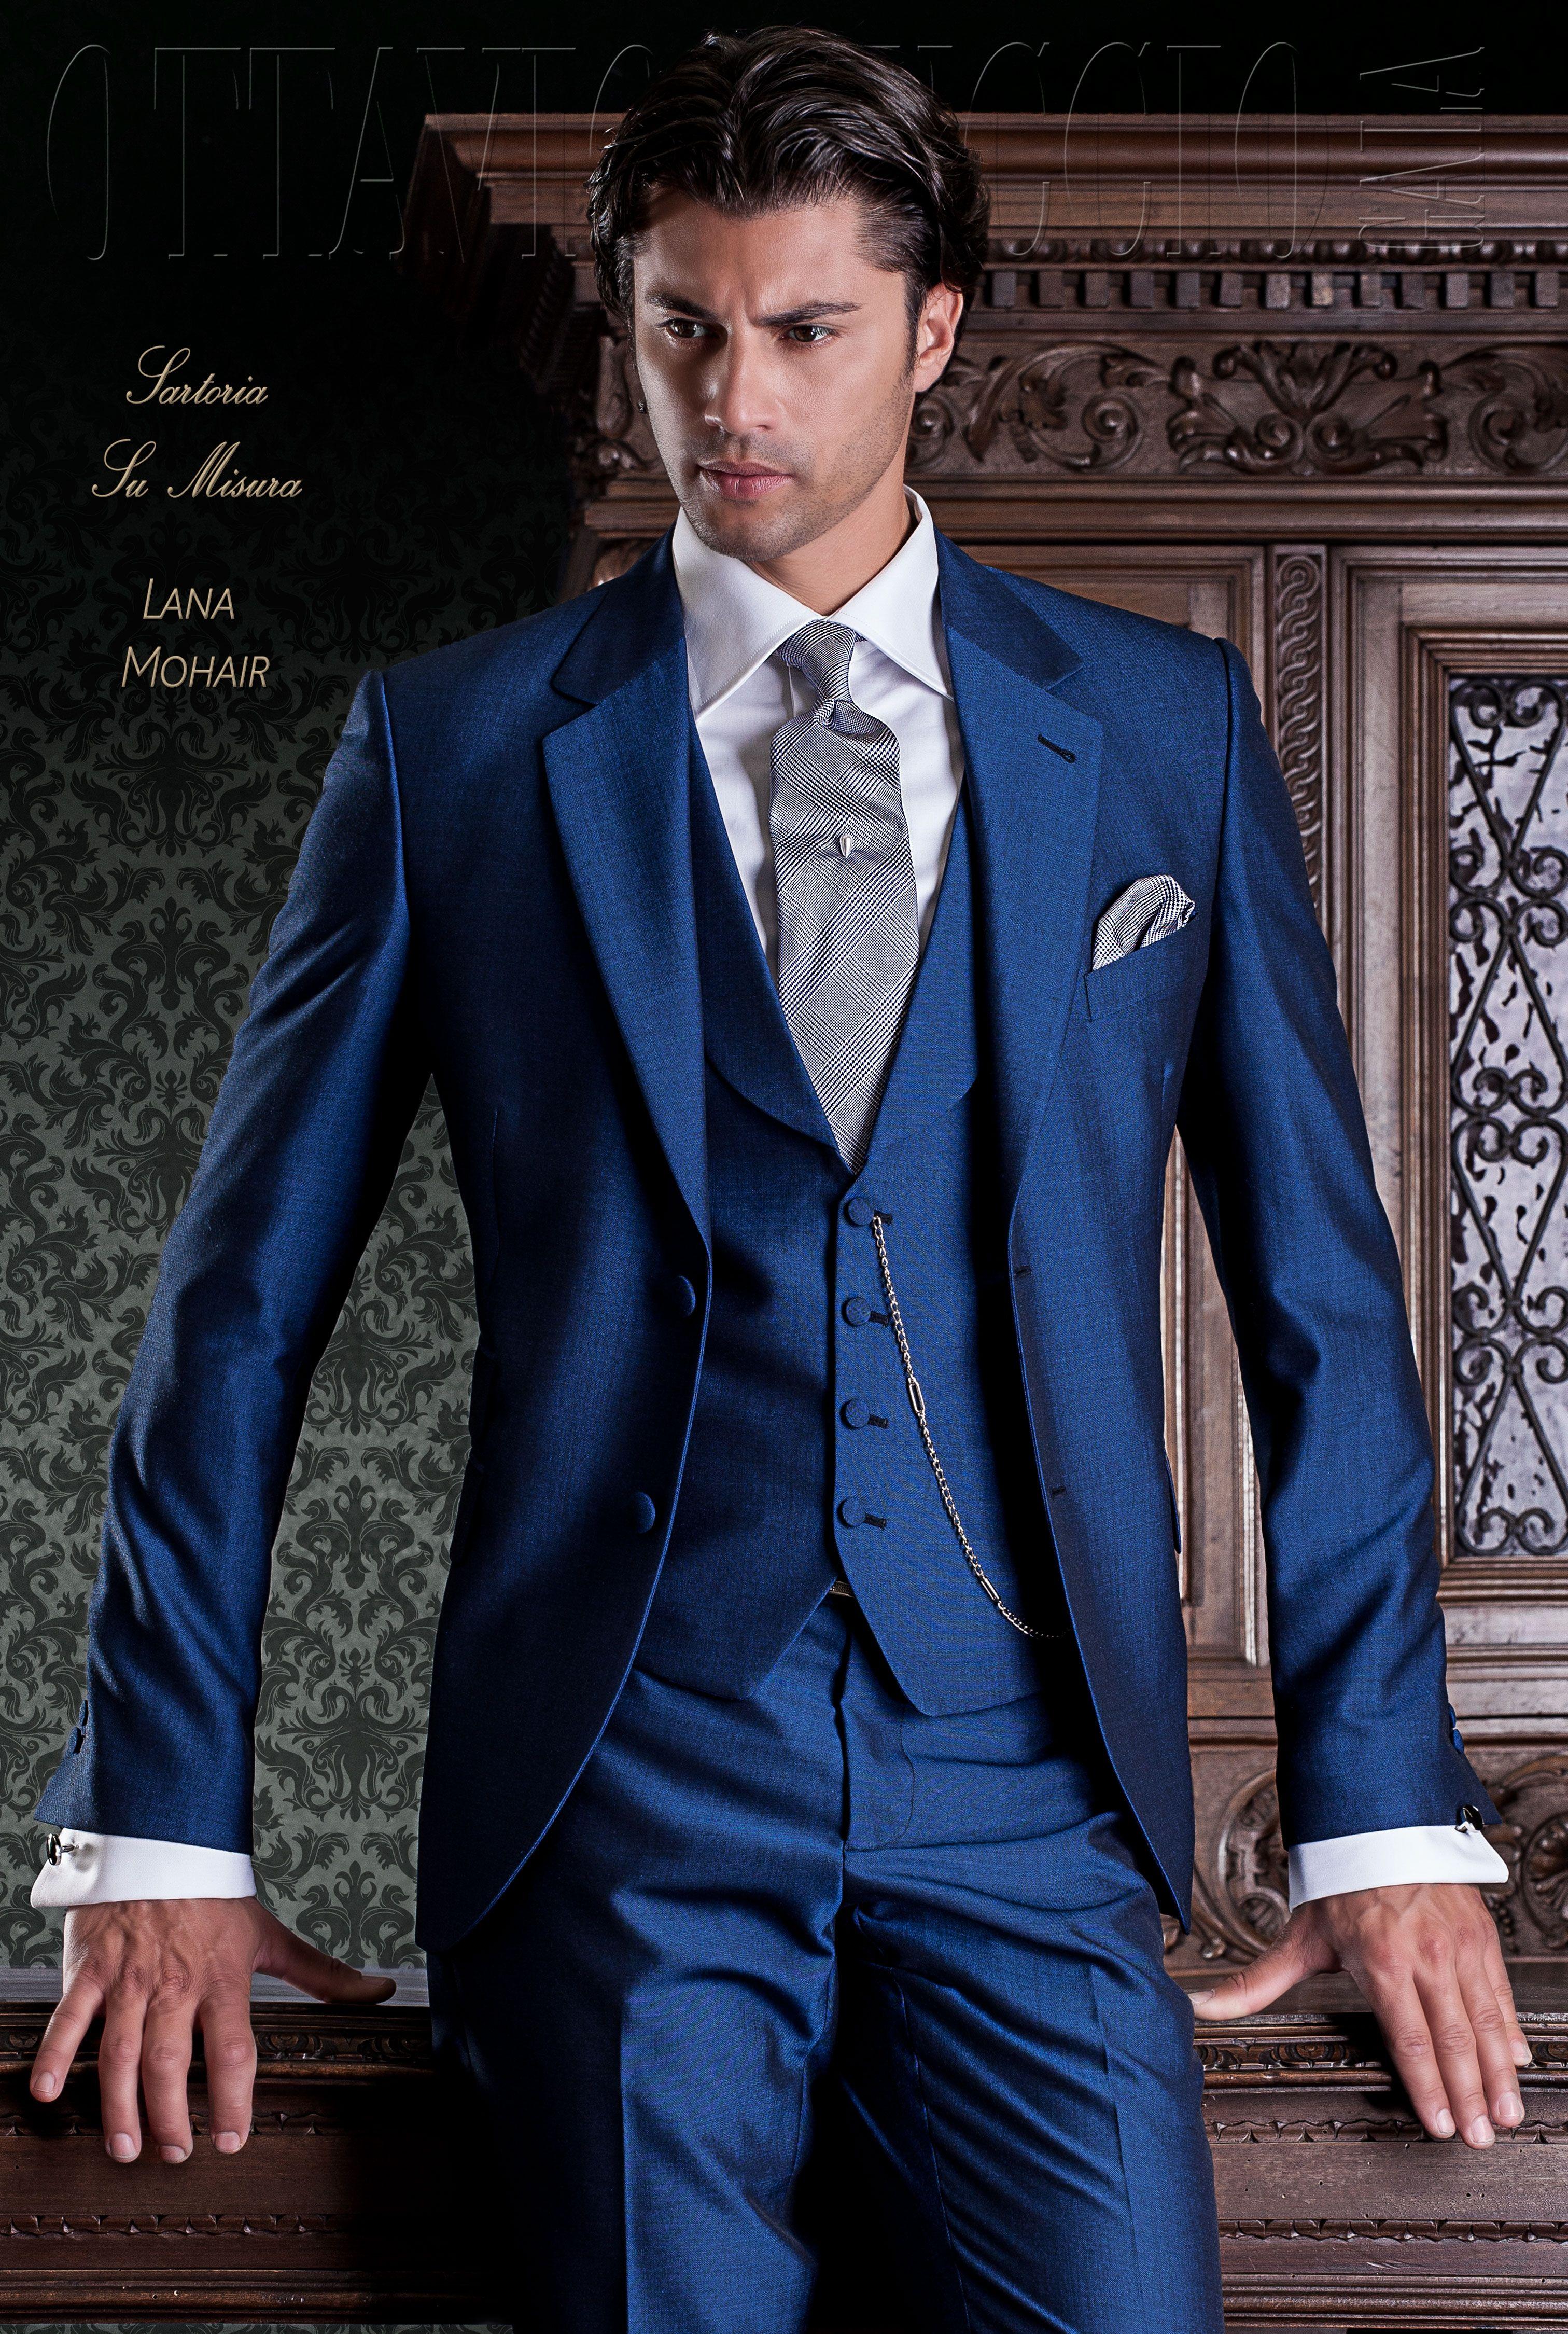 Vestiti Da Sposo Su Ottavio Nuccio Gala Gentleman 1337 Linea Gentleman Mezzo Tight Vestiti Eleganti Da Uomo Abiti Estivi Da Uomo Abiti